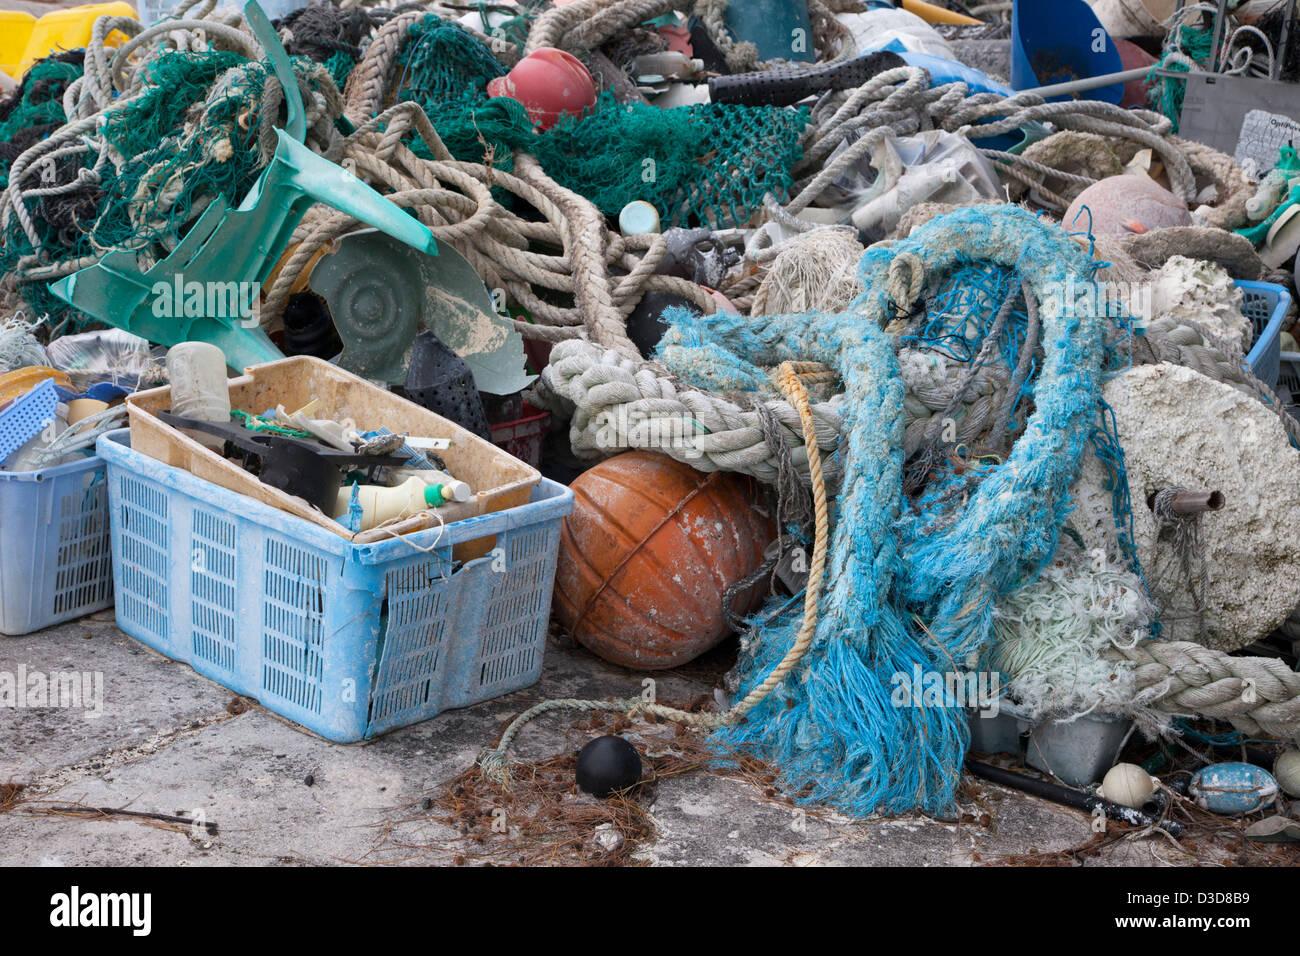 Los desechos marinos trajo al Atolón de Midway por corrientes, a continuación, recogidos para ser enviados fuera de la isla para su reciclado o eliminación Foto de stock